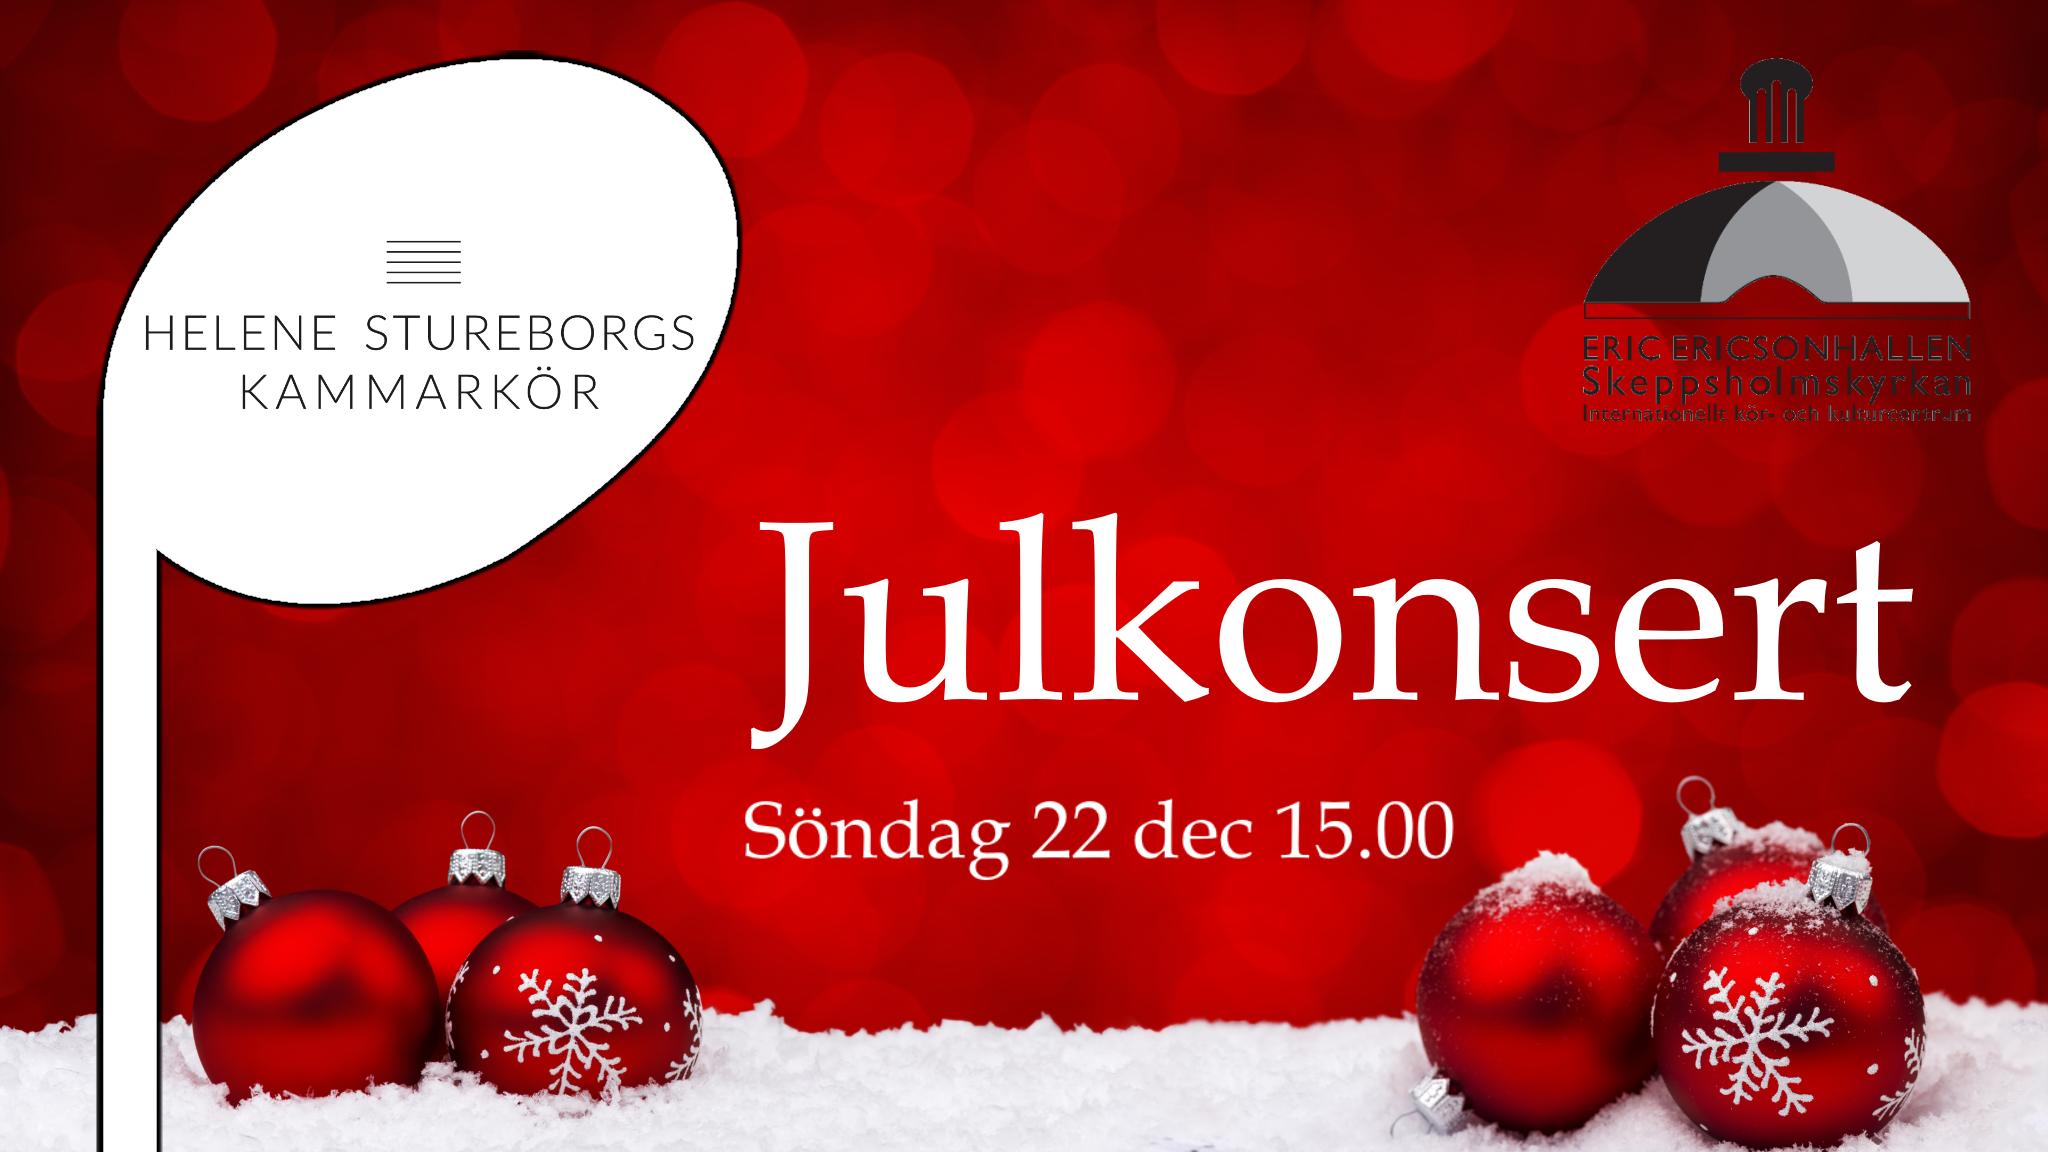 julkonsert 22 december stockholm